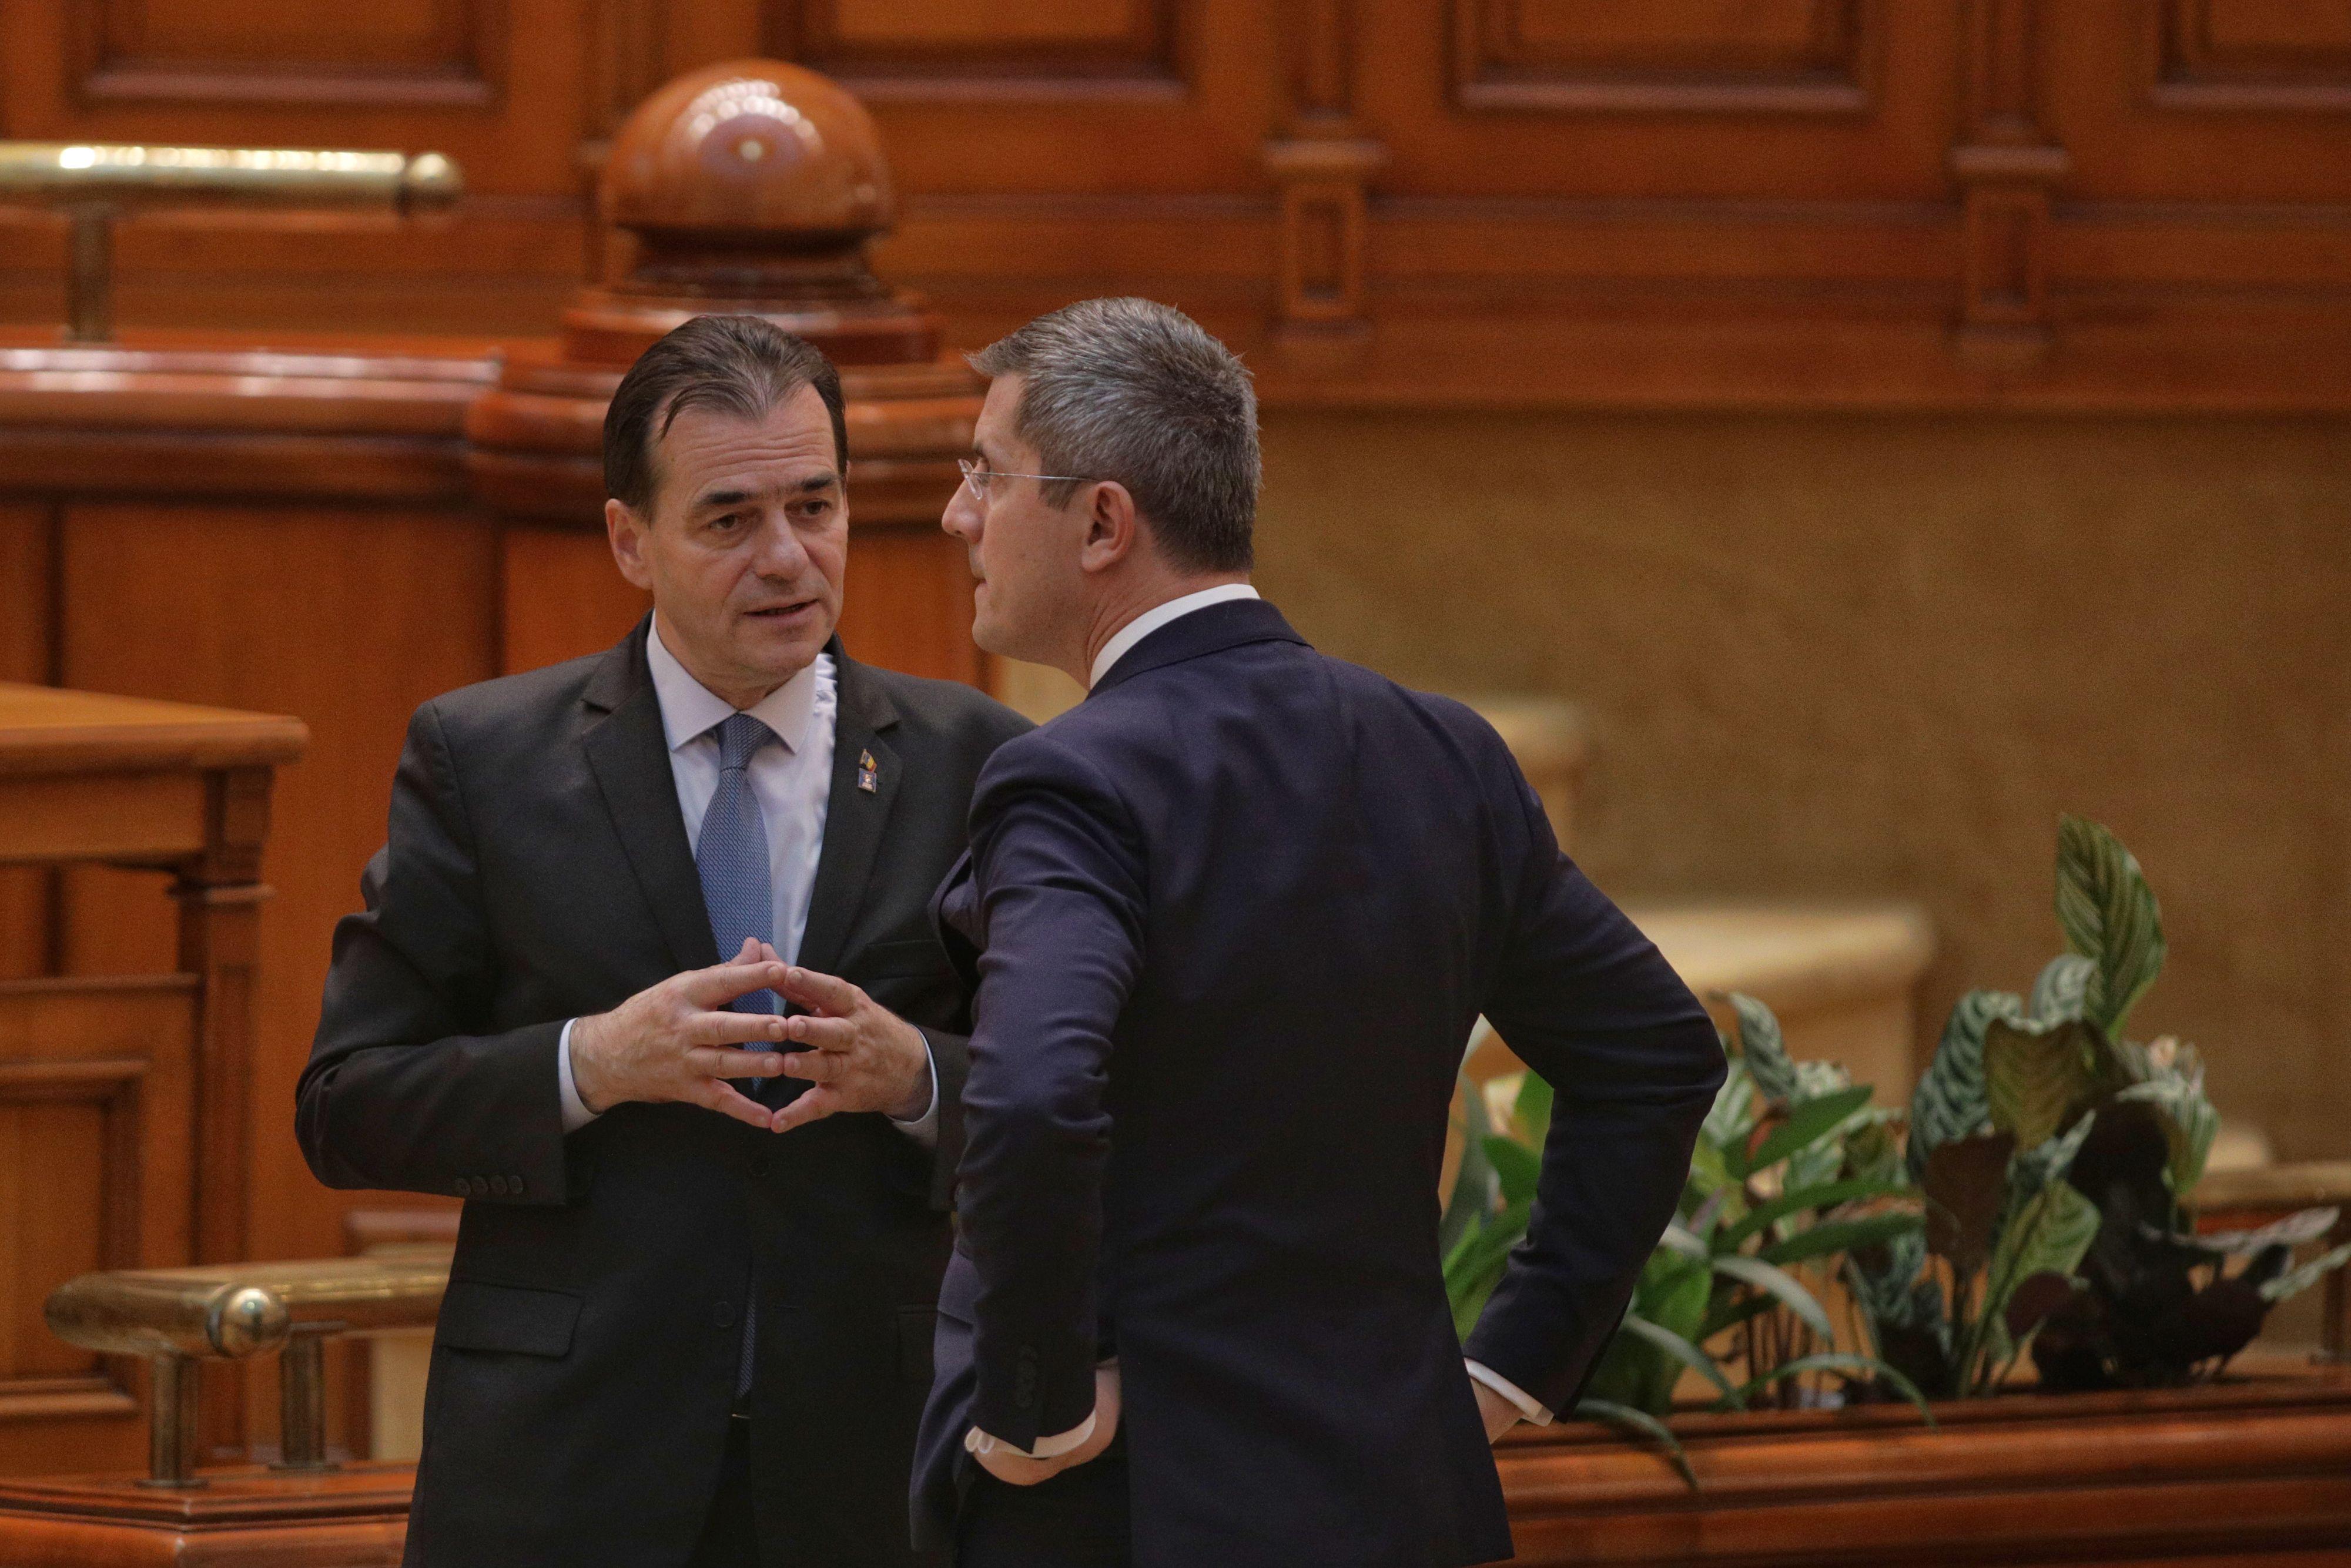 Barna: USR PLUS vrea desfiintarea Sectiei speciale pana in iulie. Orban: Vom gasi cea mai buna solutie in coalitie